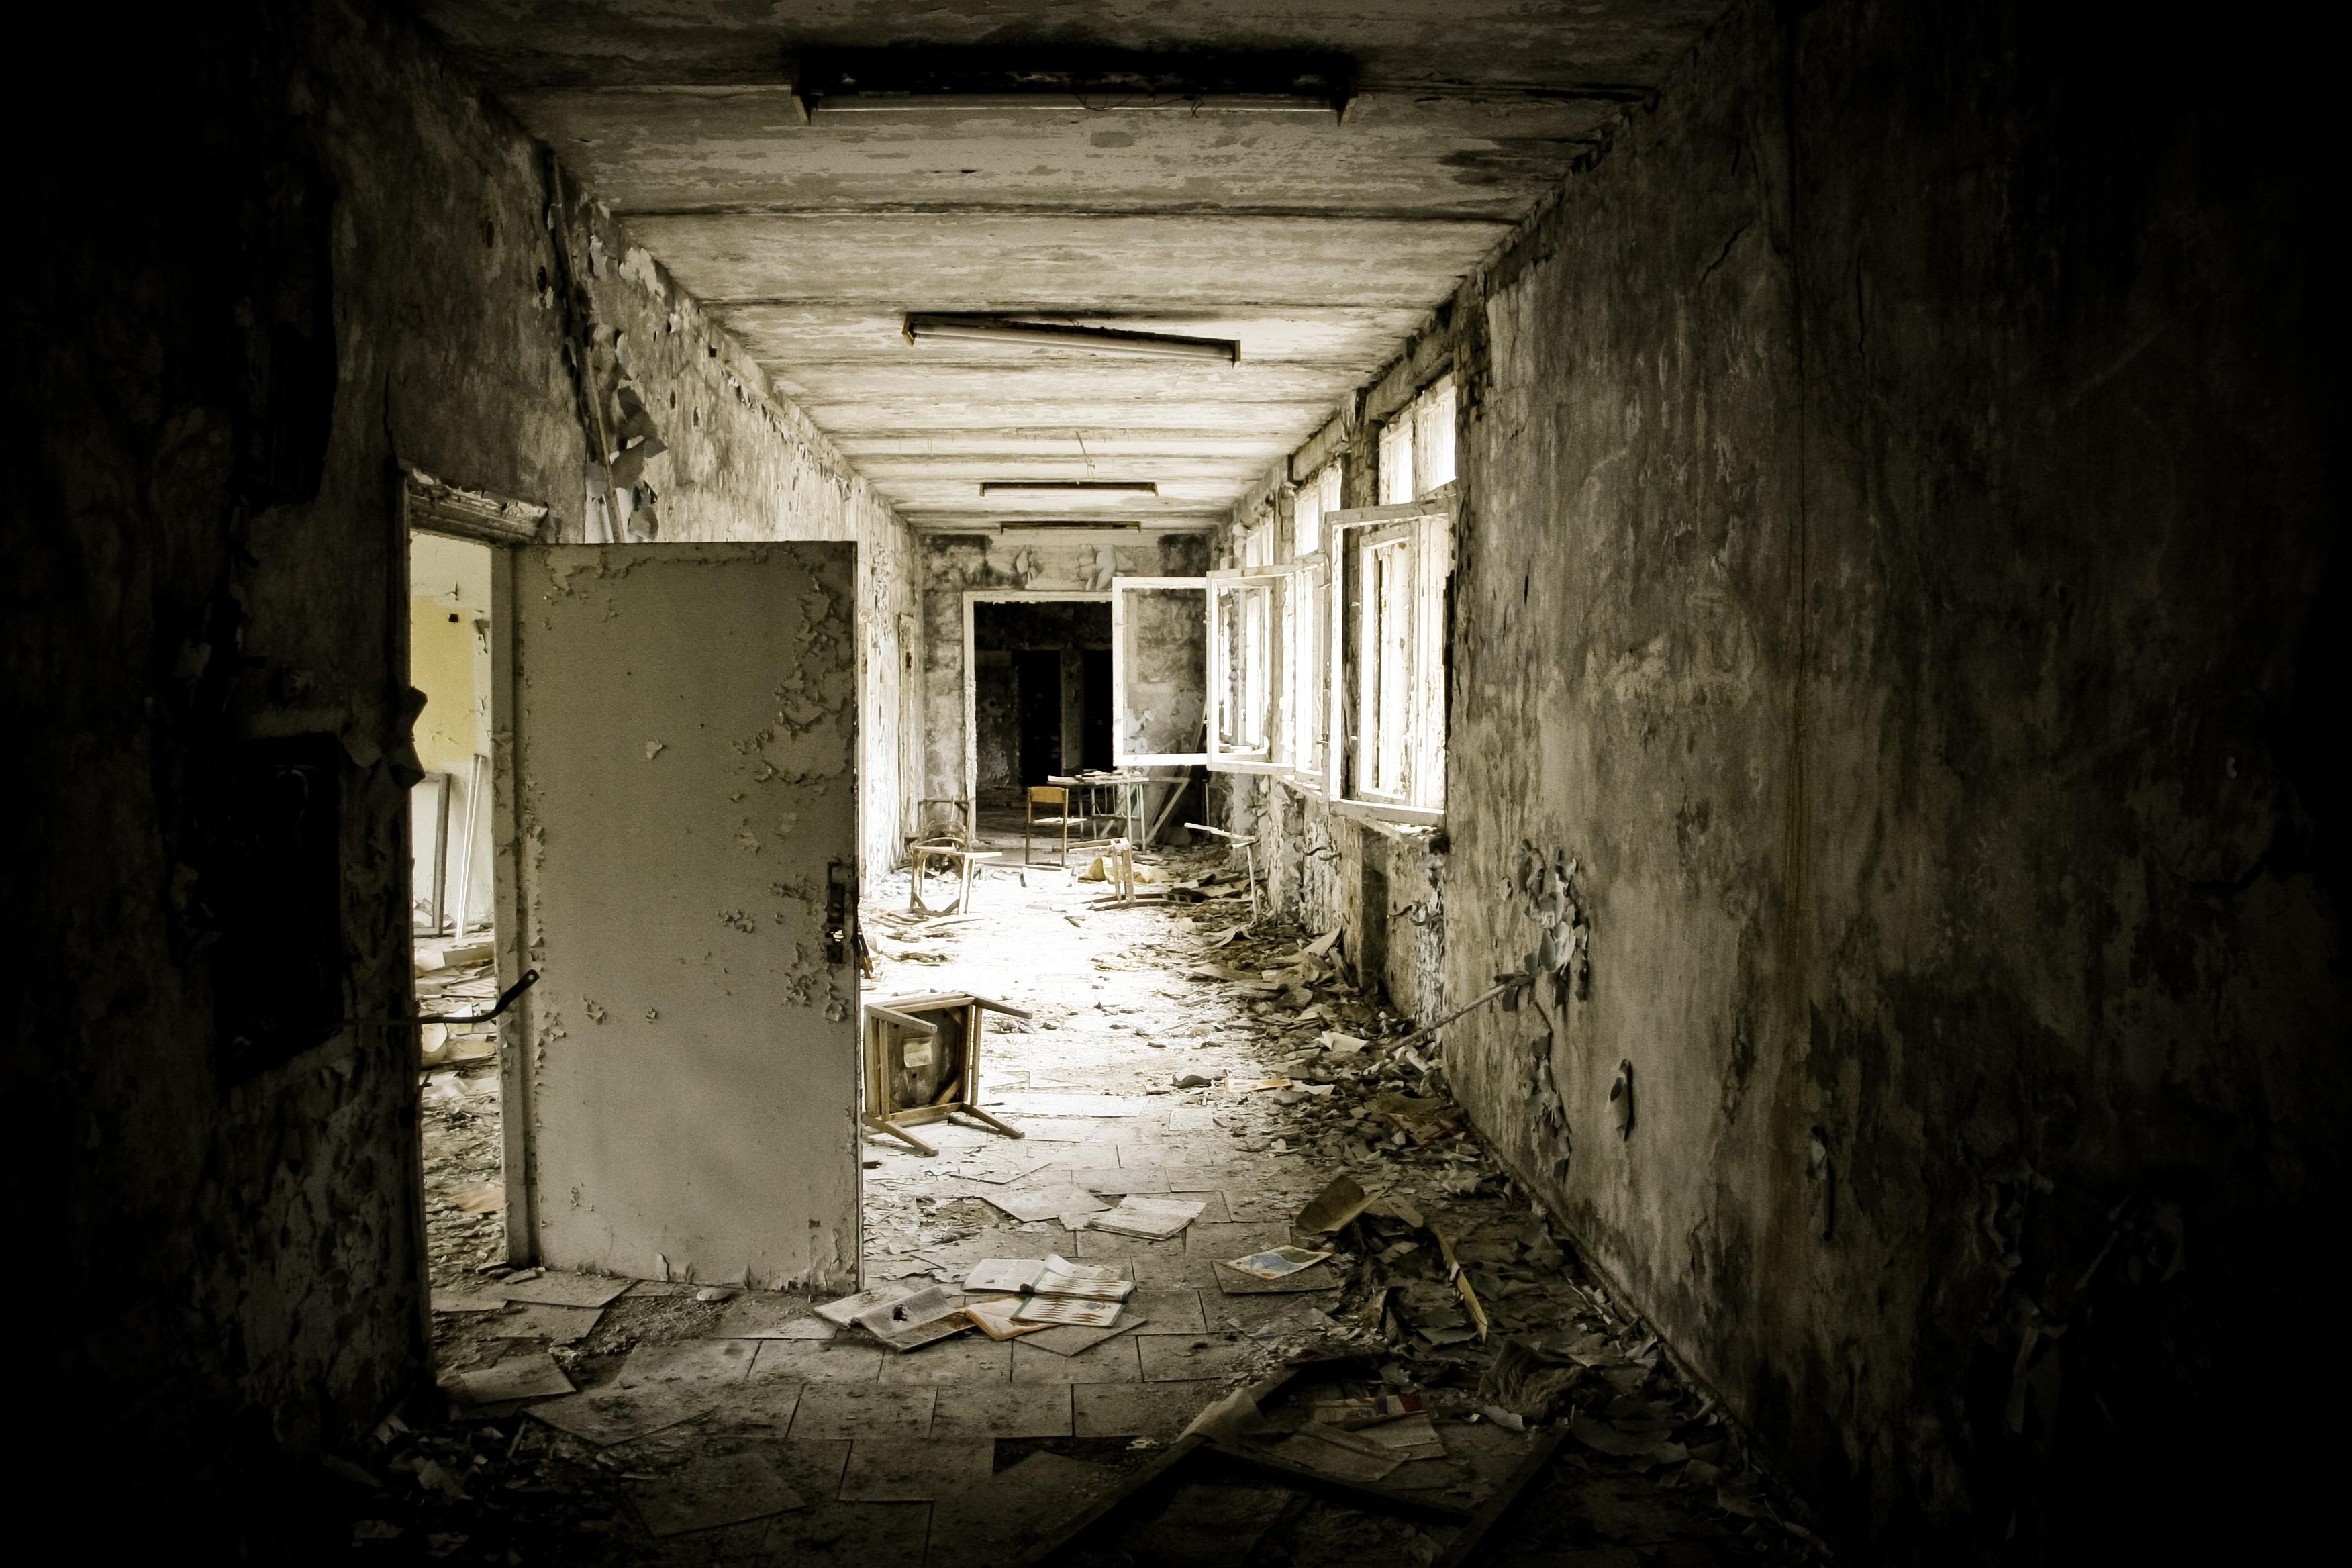 заброшенный дом двери окна коридор  № 2195308 загрузить